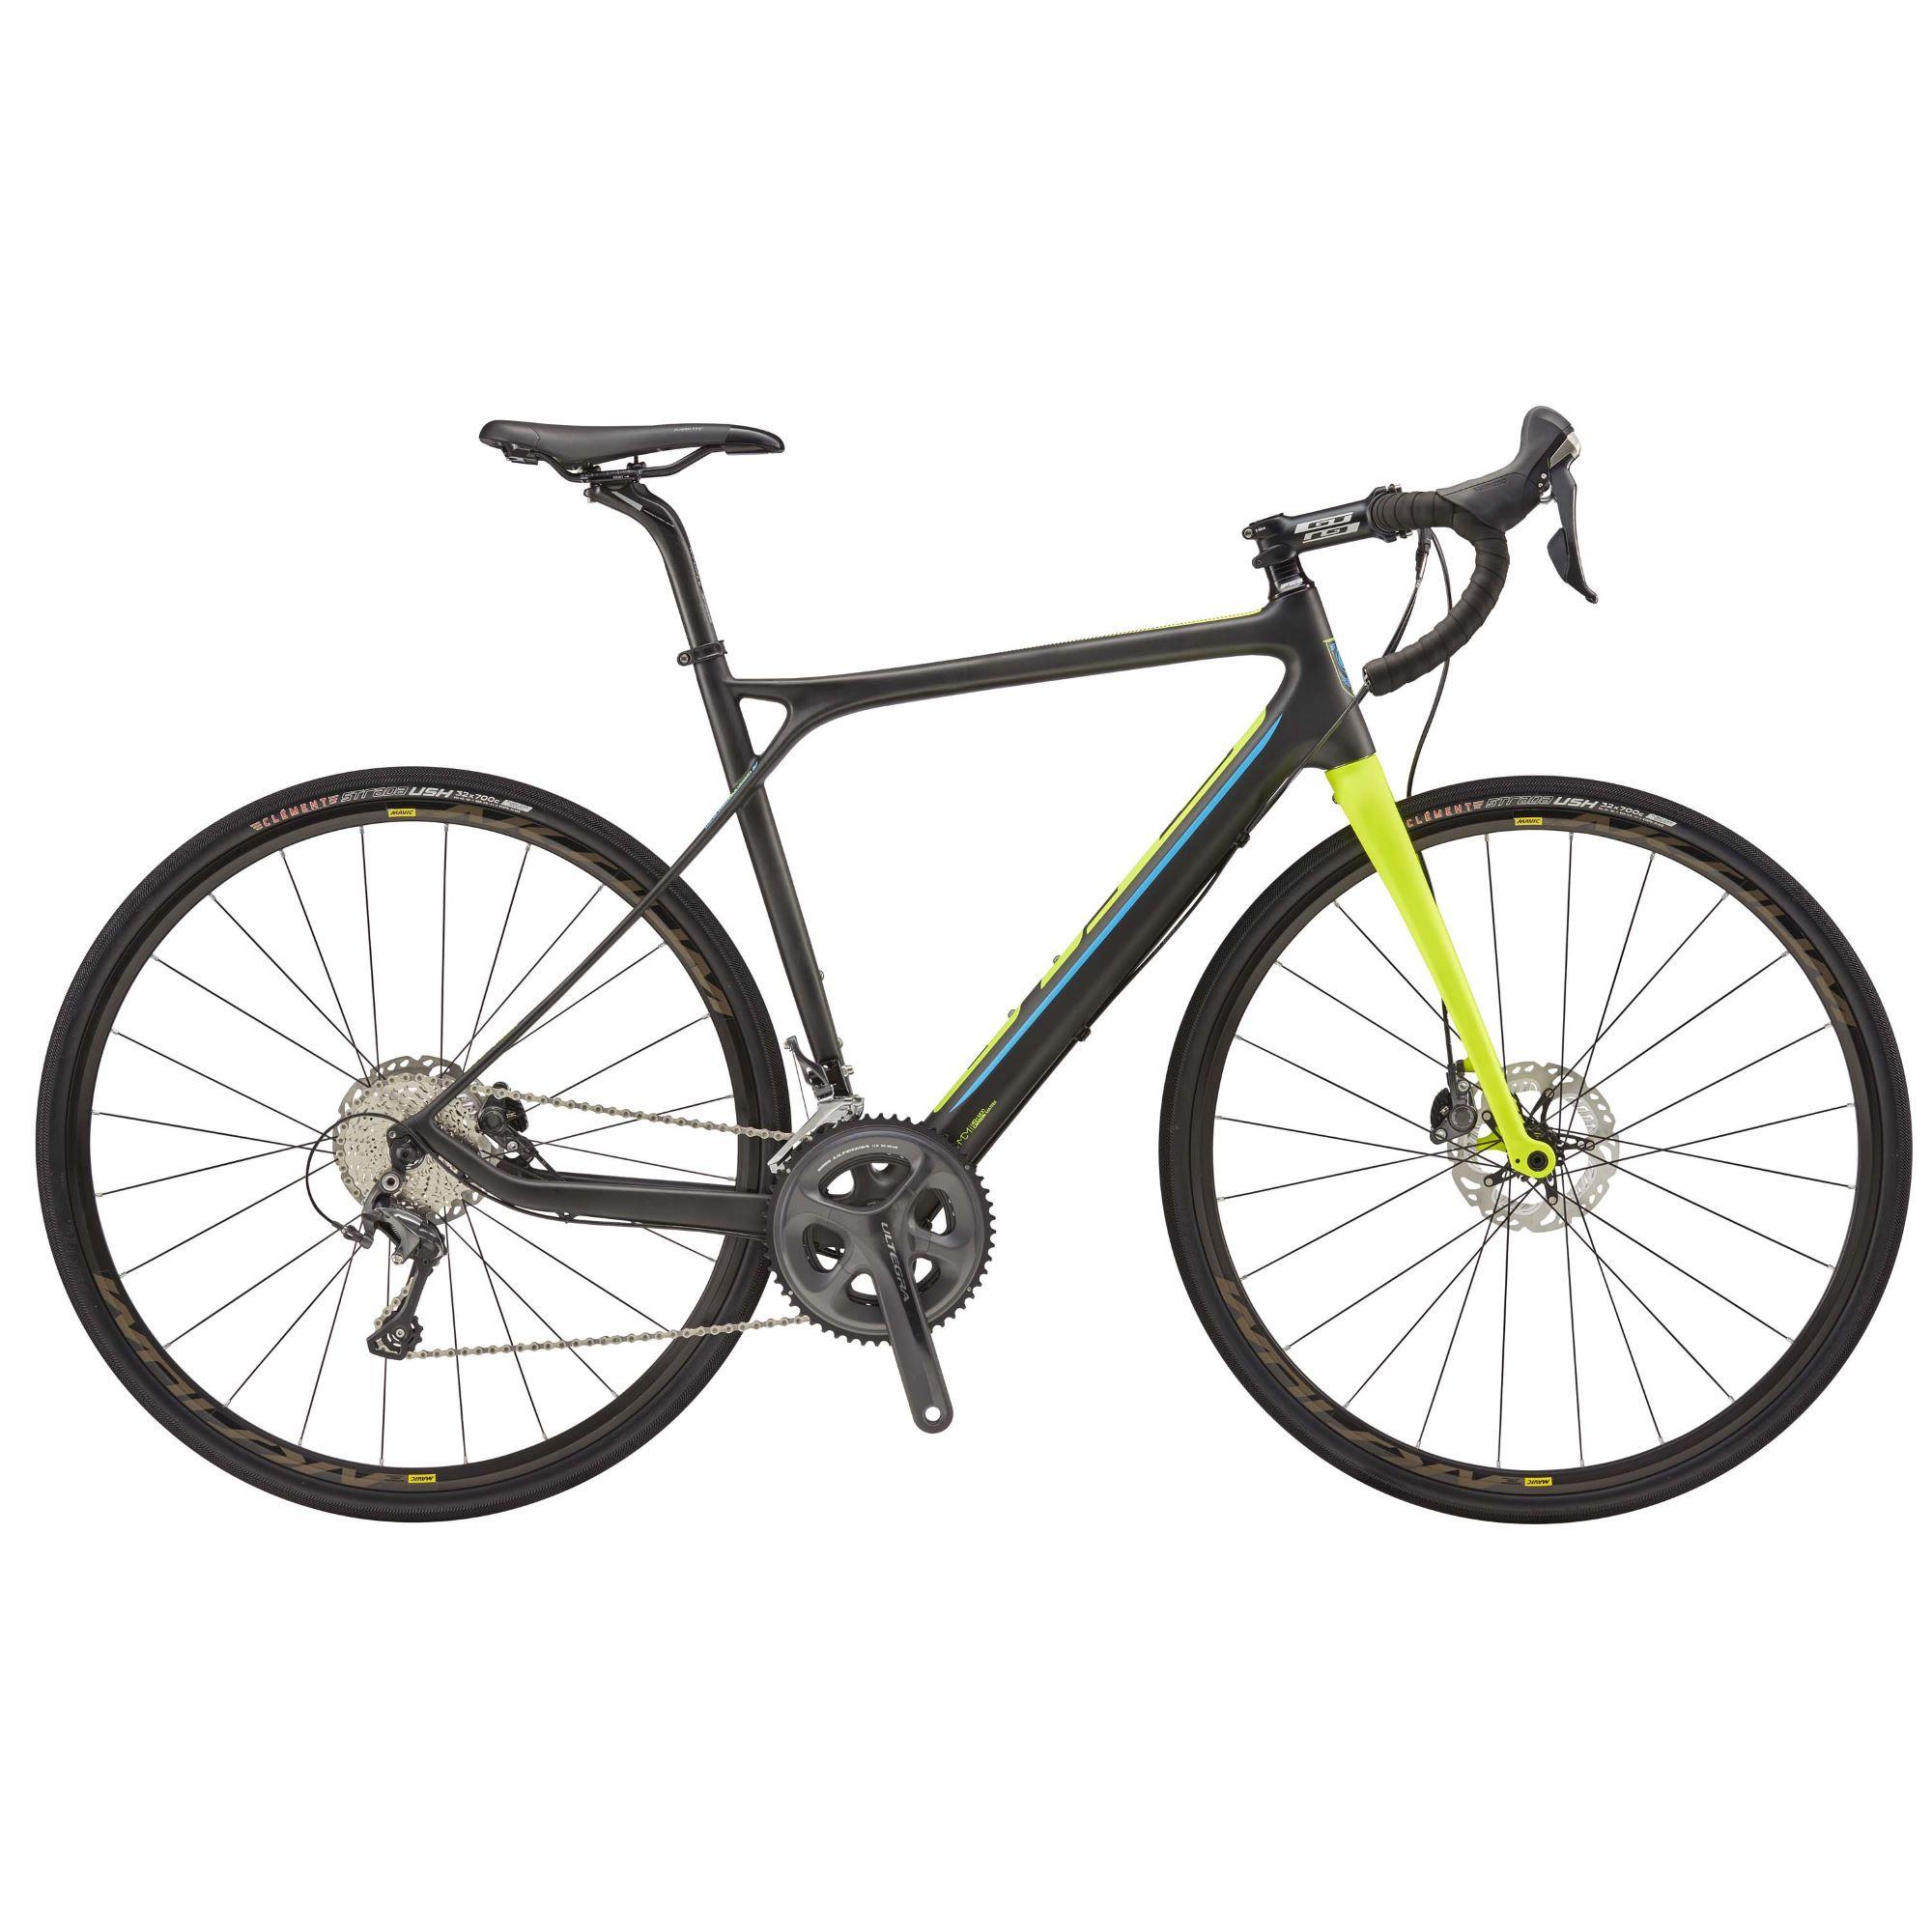 GT Grade Carbon Gravel Bike (2017, Ultegra) | Gravel Bikes | Pinterest